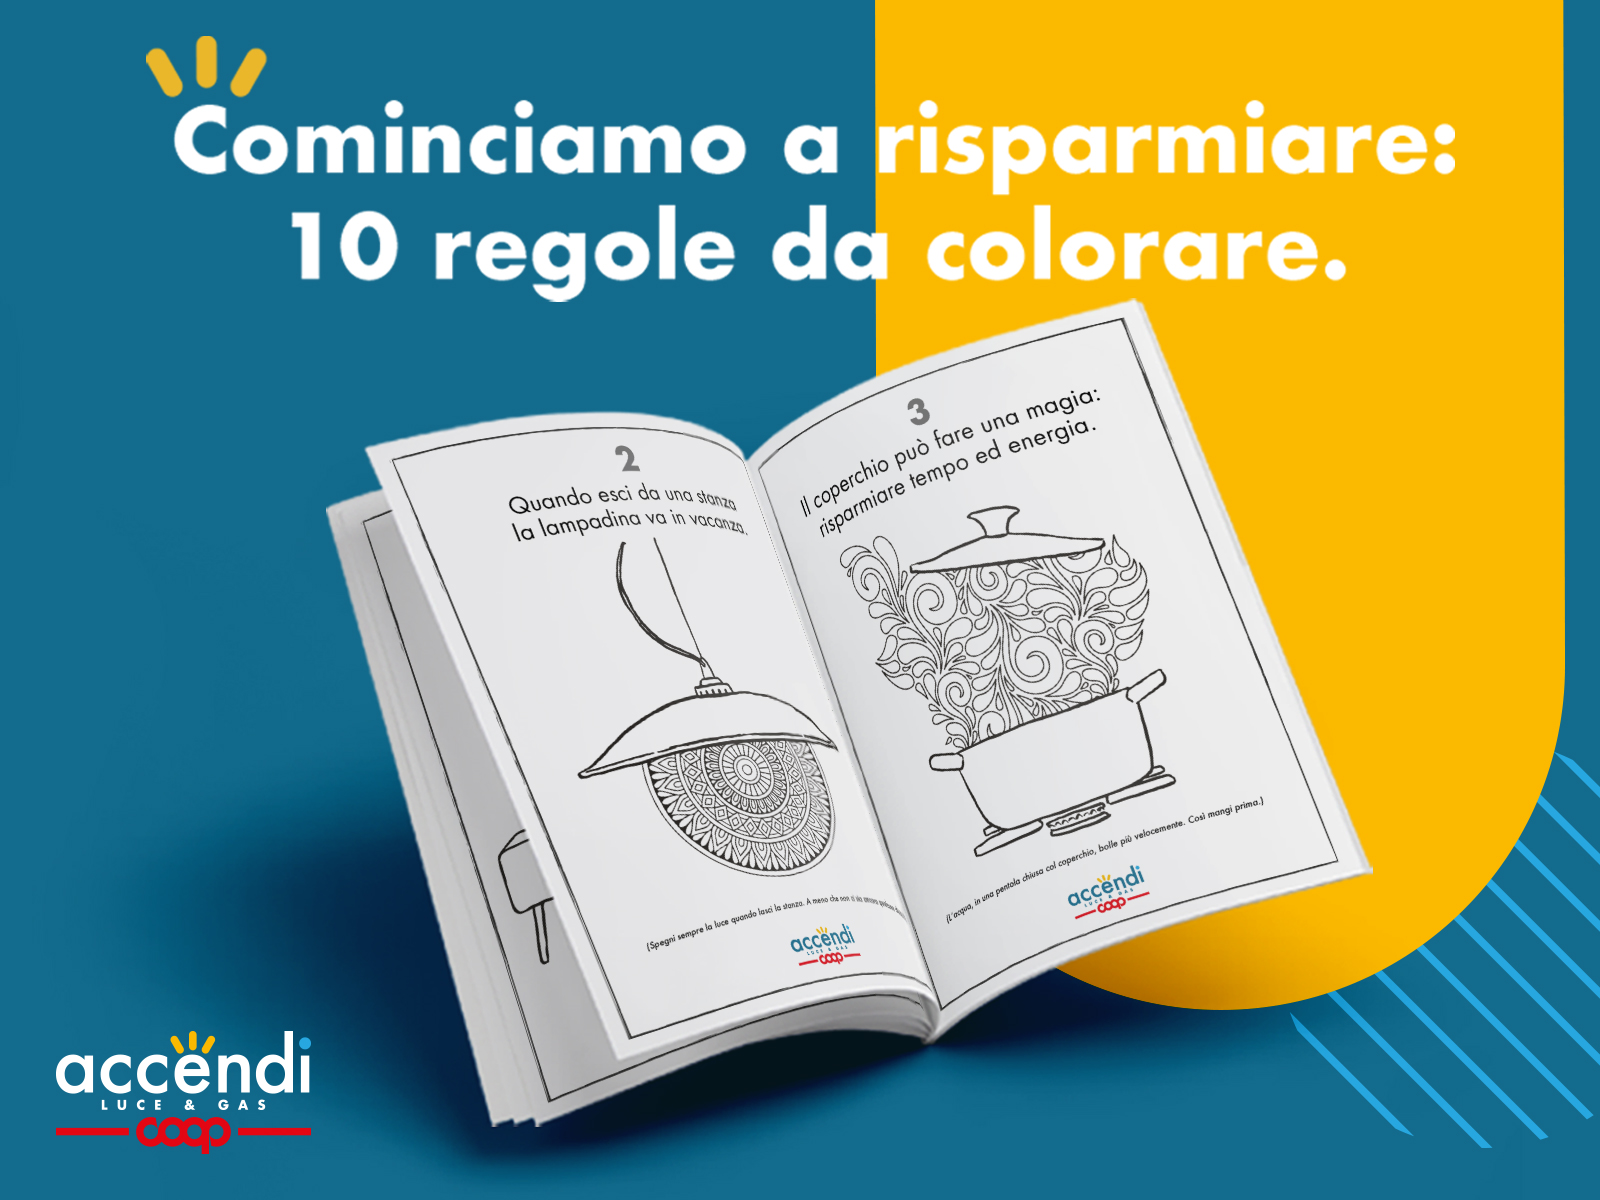 """Anche Accendi Luce e Gas ha lanciato il suo coloring book antistress dal titolo """"cominciamo a risparmiare: 10 regole da colorare"""""""